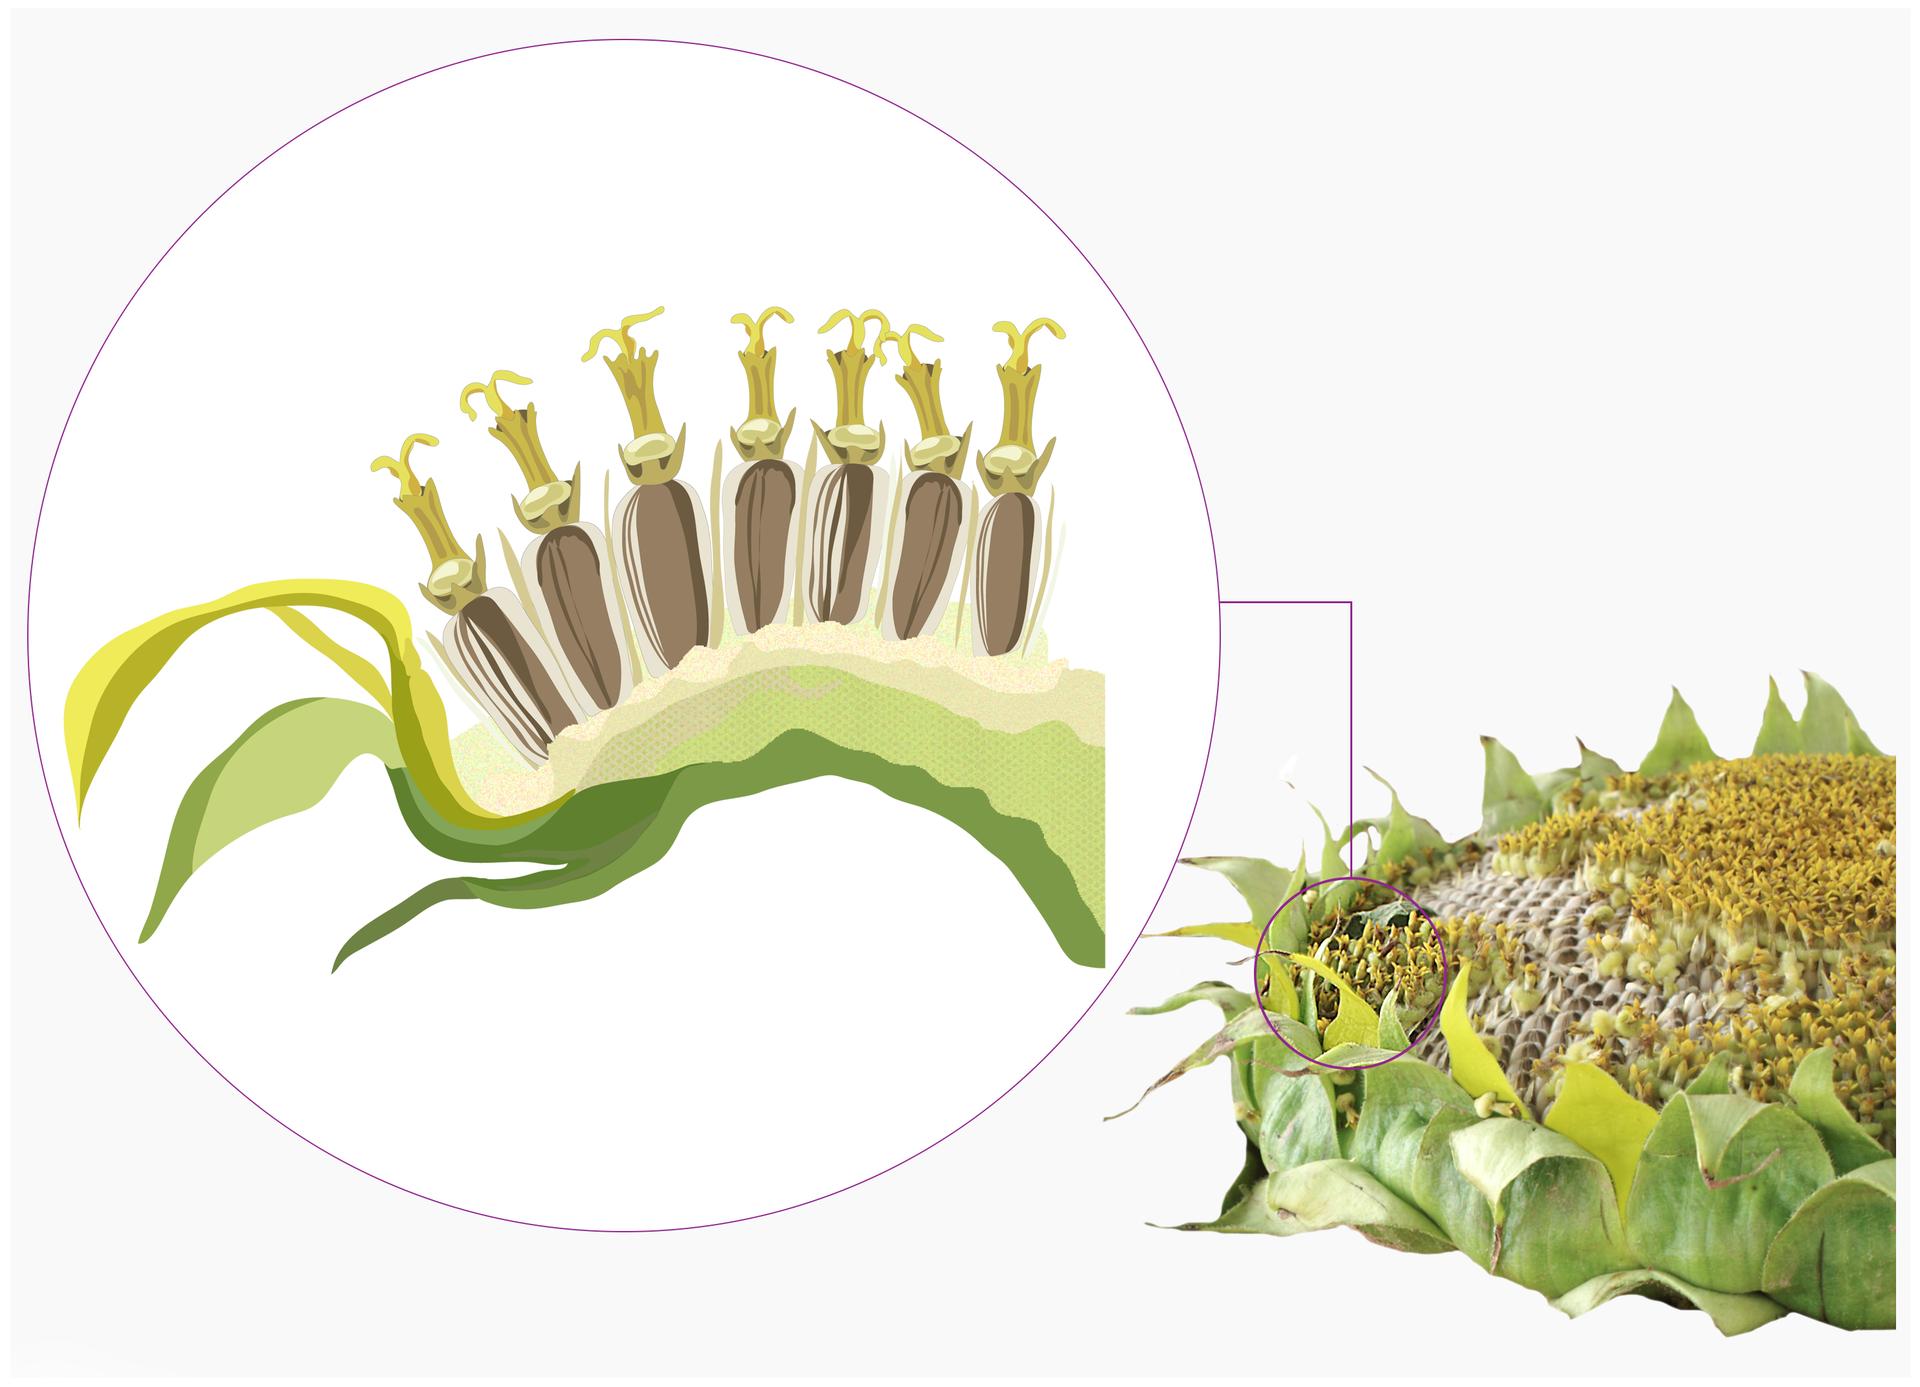 Ilustracja składa się zdwóch elementów. Na prawo zdjęcie okrągłego płaskiego kwiatostanu słonecznika. Cały kwiatostan otaczają zielone liście. Liście otrójkątnym kształcie ostro zakończone. Ostre końce wywinięte na zewnątrz. Wnętrze kwiatostanu wypełniają gęsto osadzone ziarna słonecznika. Ziarna znajdują się wotworkach. Na lewo powiększony fragment kwiatostanu słonecznika wprzekroju. Na grubym dnie kwiatostanu ułożone są ziarna słonecznika wrzędzie. Ziarna osadzone pionowo wotworkach przylegają do siebie. Nad każdym znajdują się rurkowate pozostałości słupka.